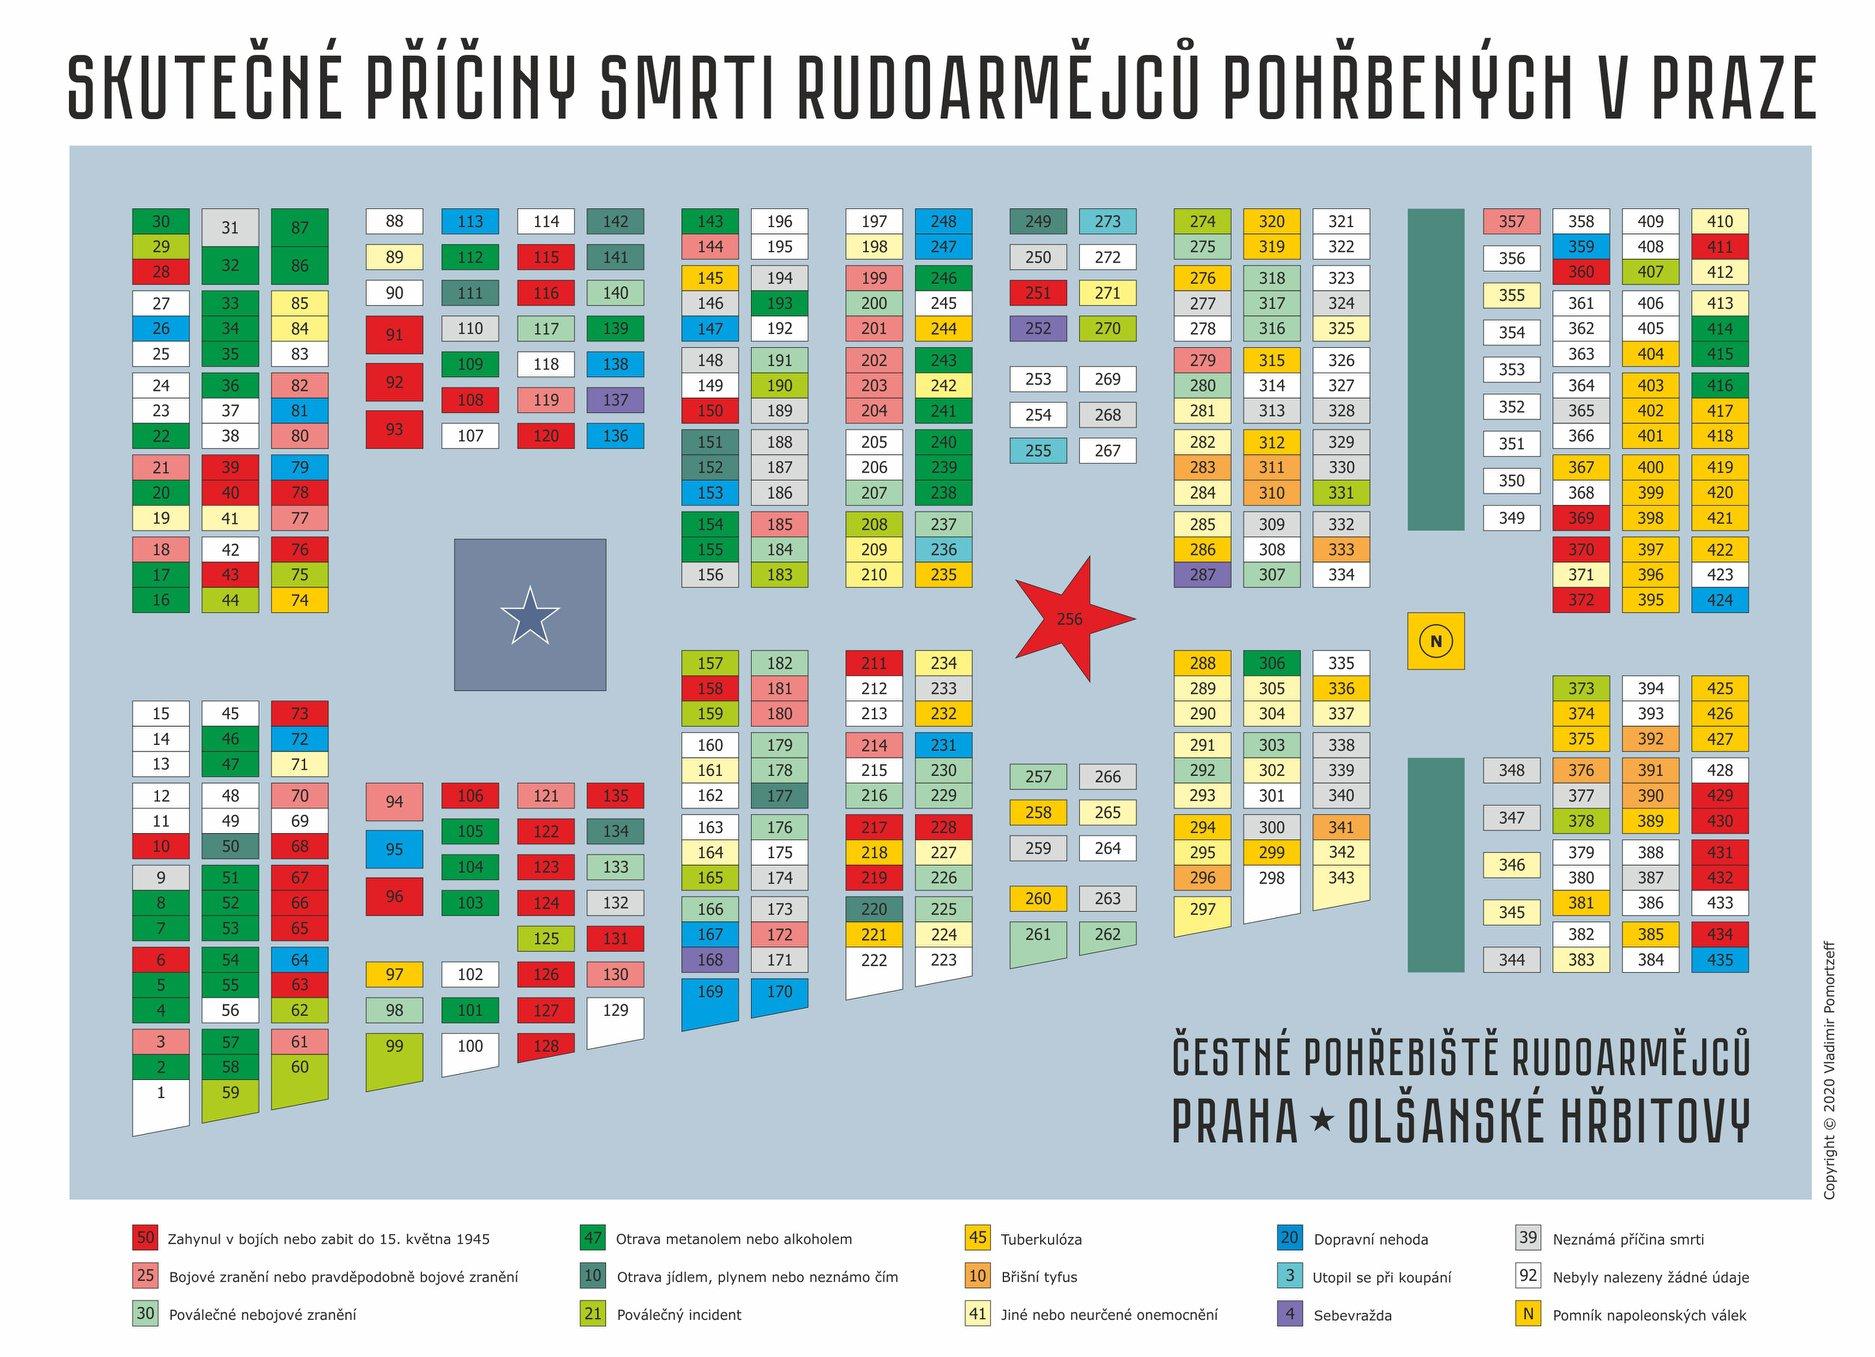 Skutečné příčiny smrti Rudoarmějců pohřbených v Praze